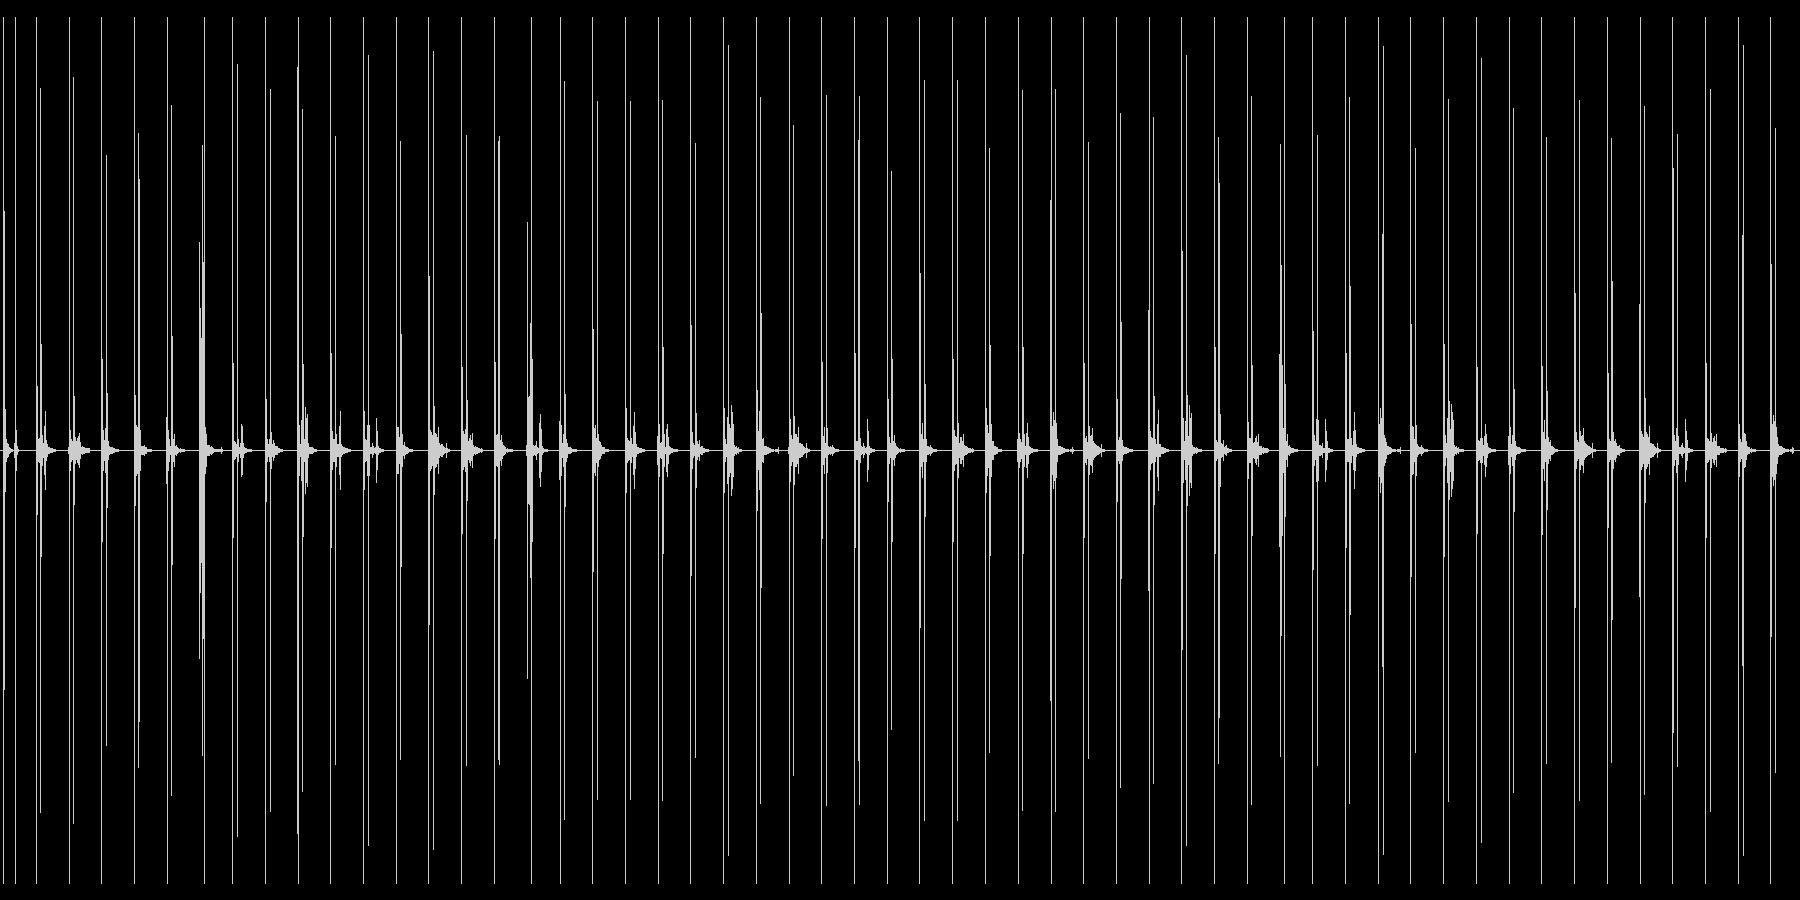 汎用性のあるハイヒールで走る音の未再生の波形